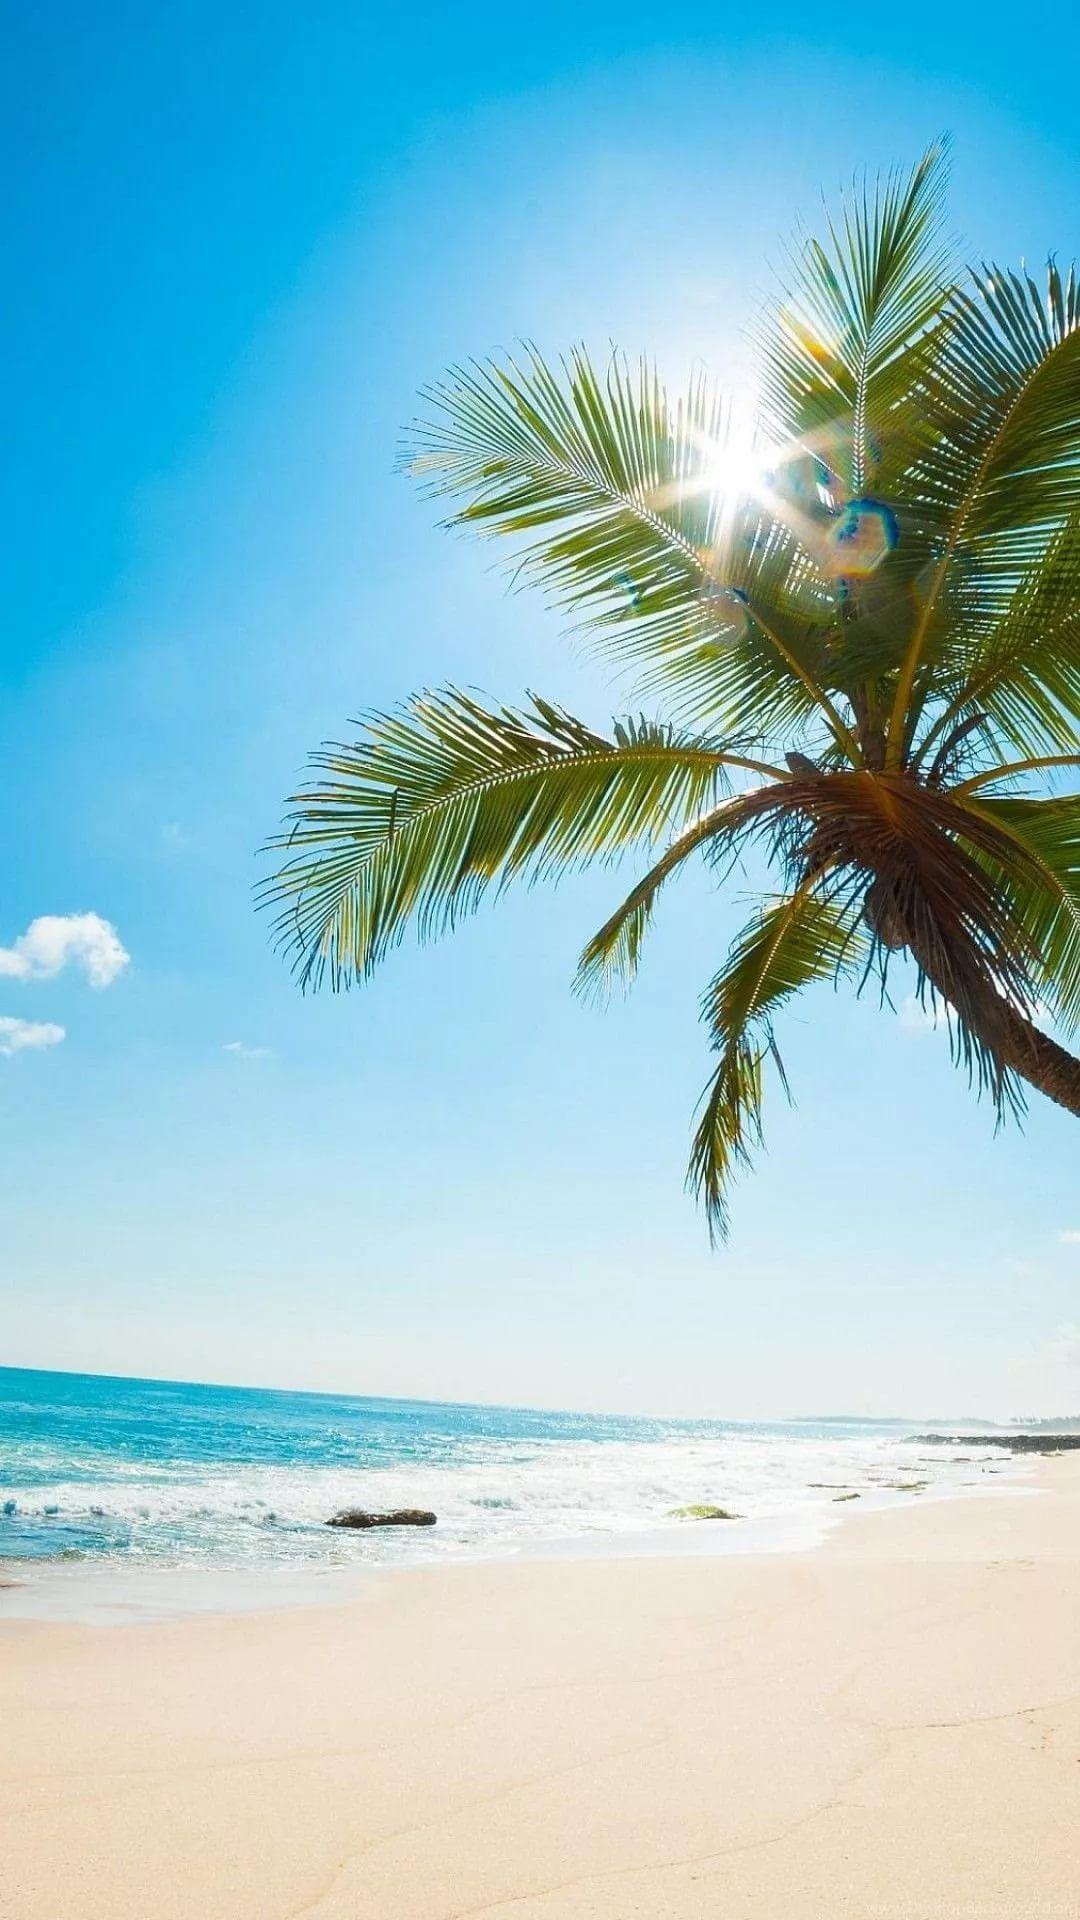 Beach iPhone 7 wallpaper